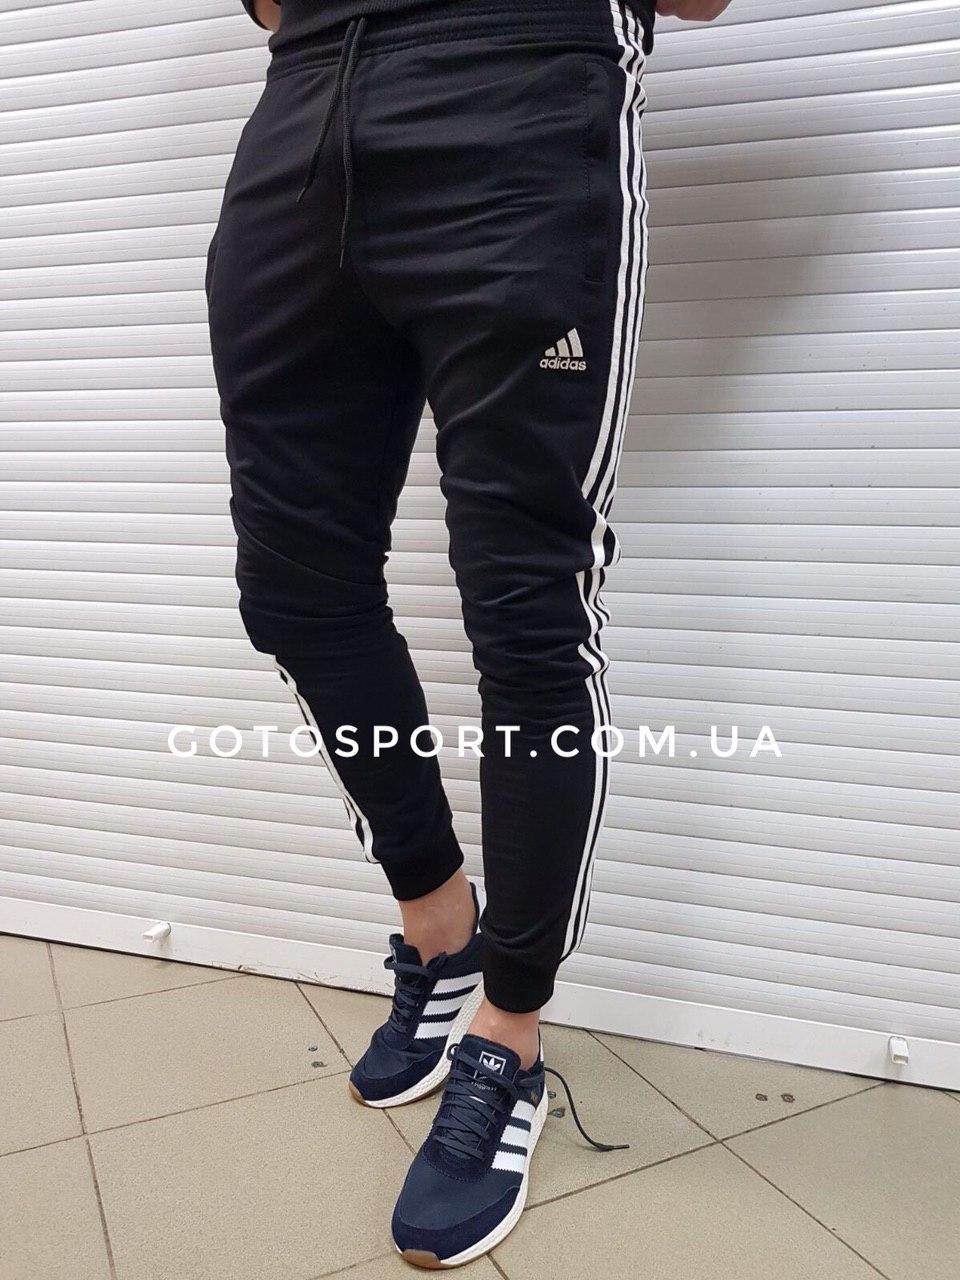 Мужские спортивные штаны Adidas Breed